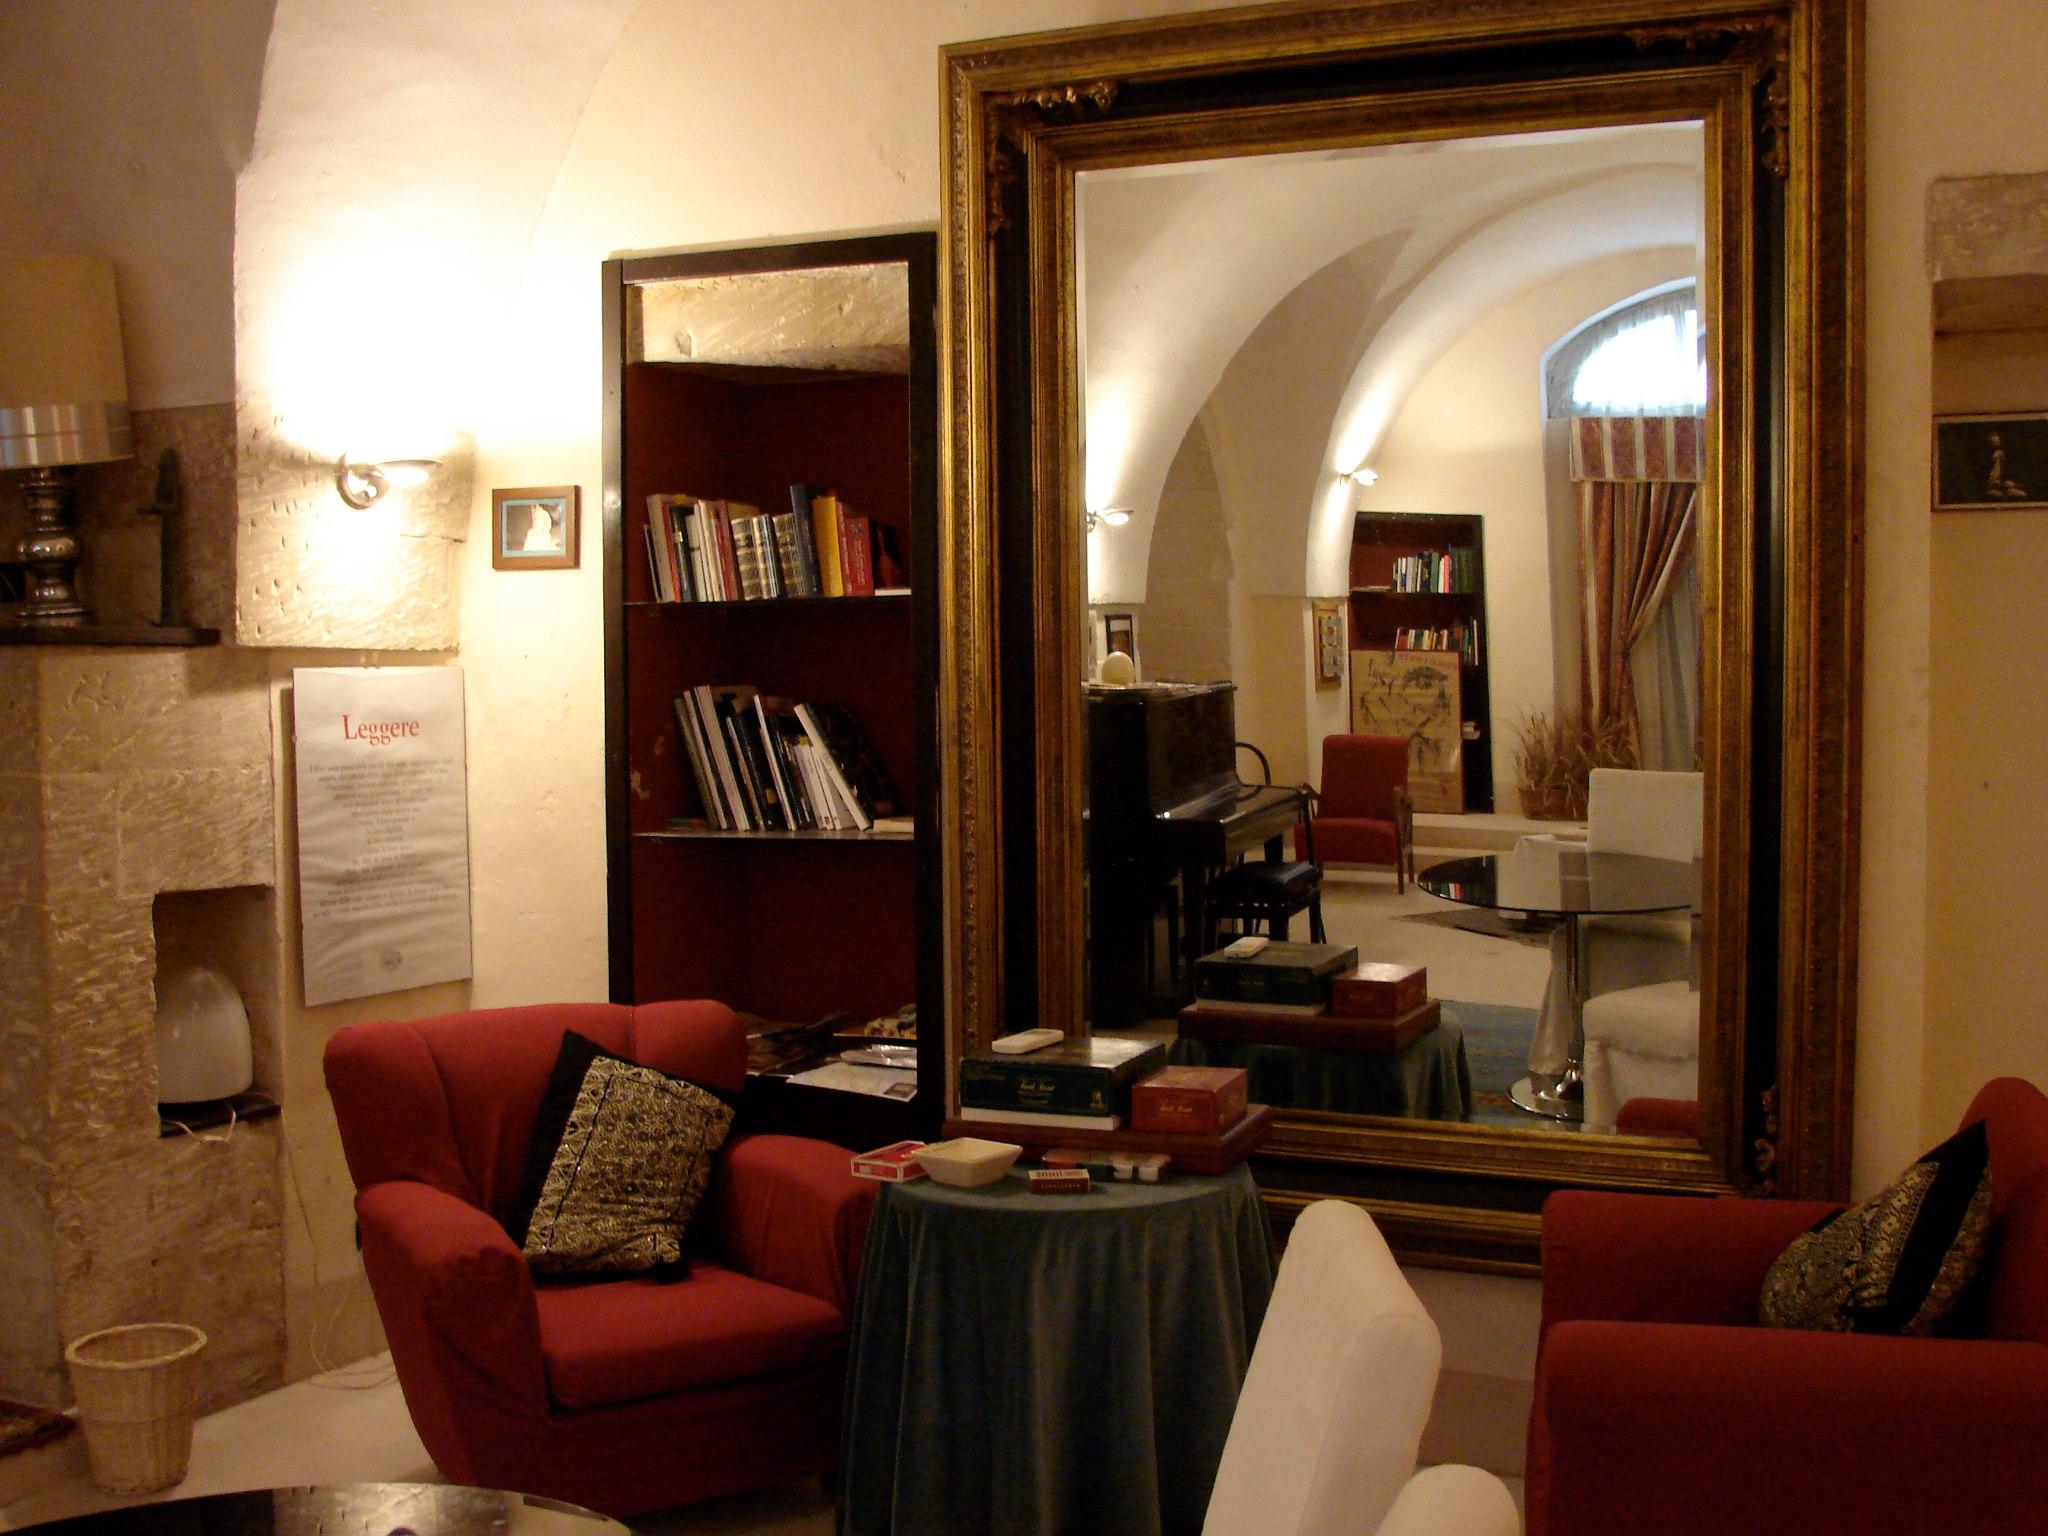 sala di lettura presso la dimora storica Nostra Signora dei Turchi nei pressi di Otranto